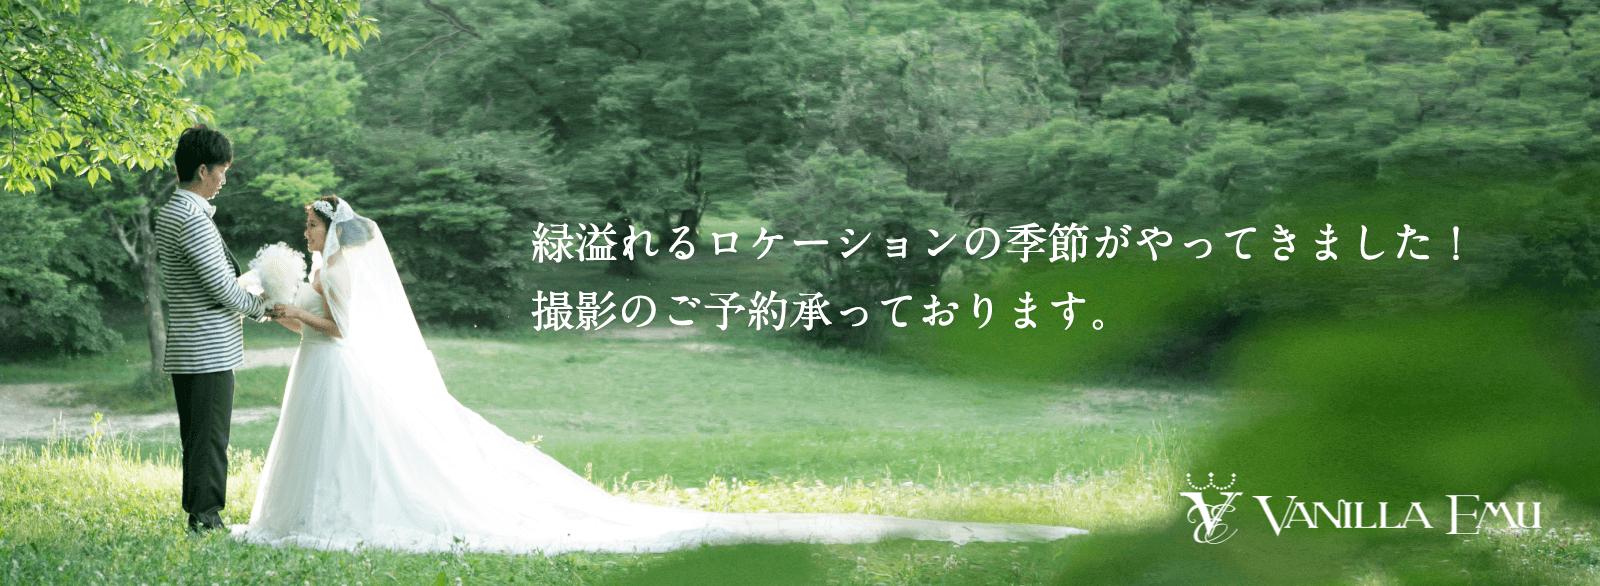 緑溢れるロケーションの季節がやってきました。